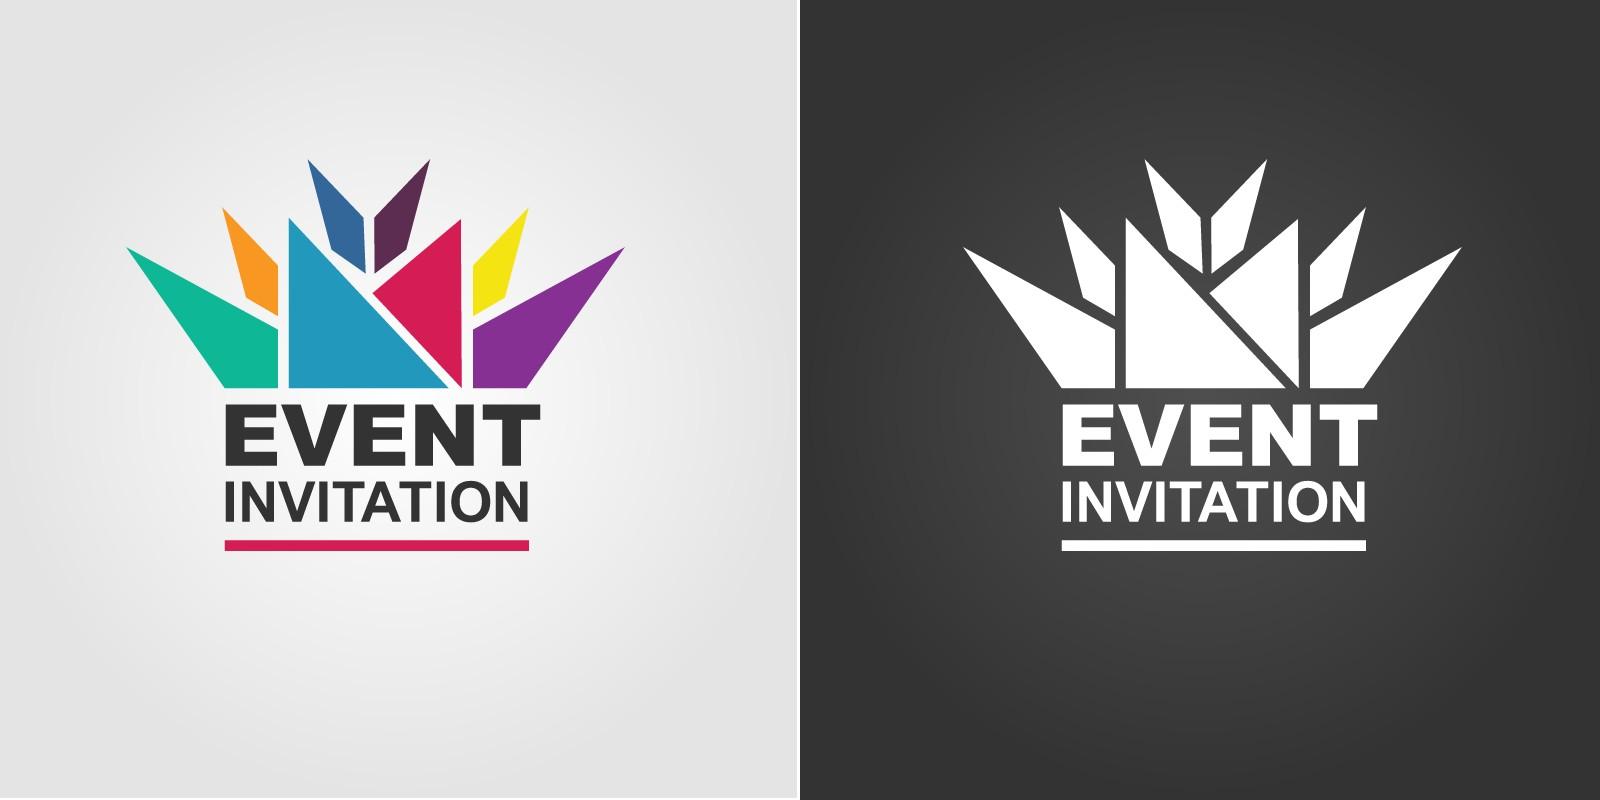 Event Invitation logo Template